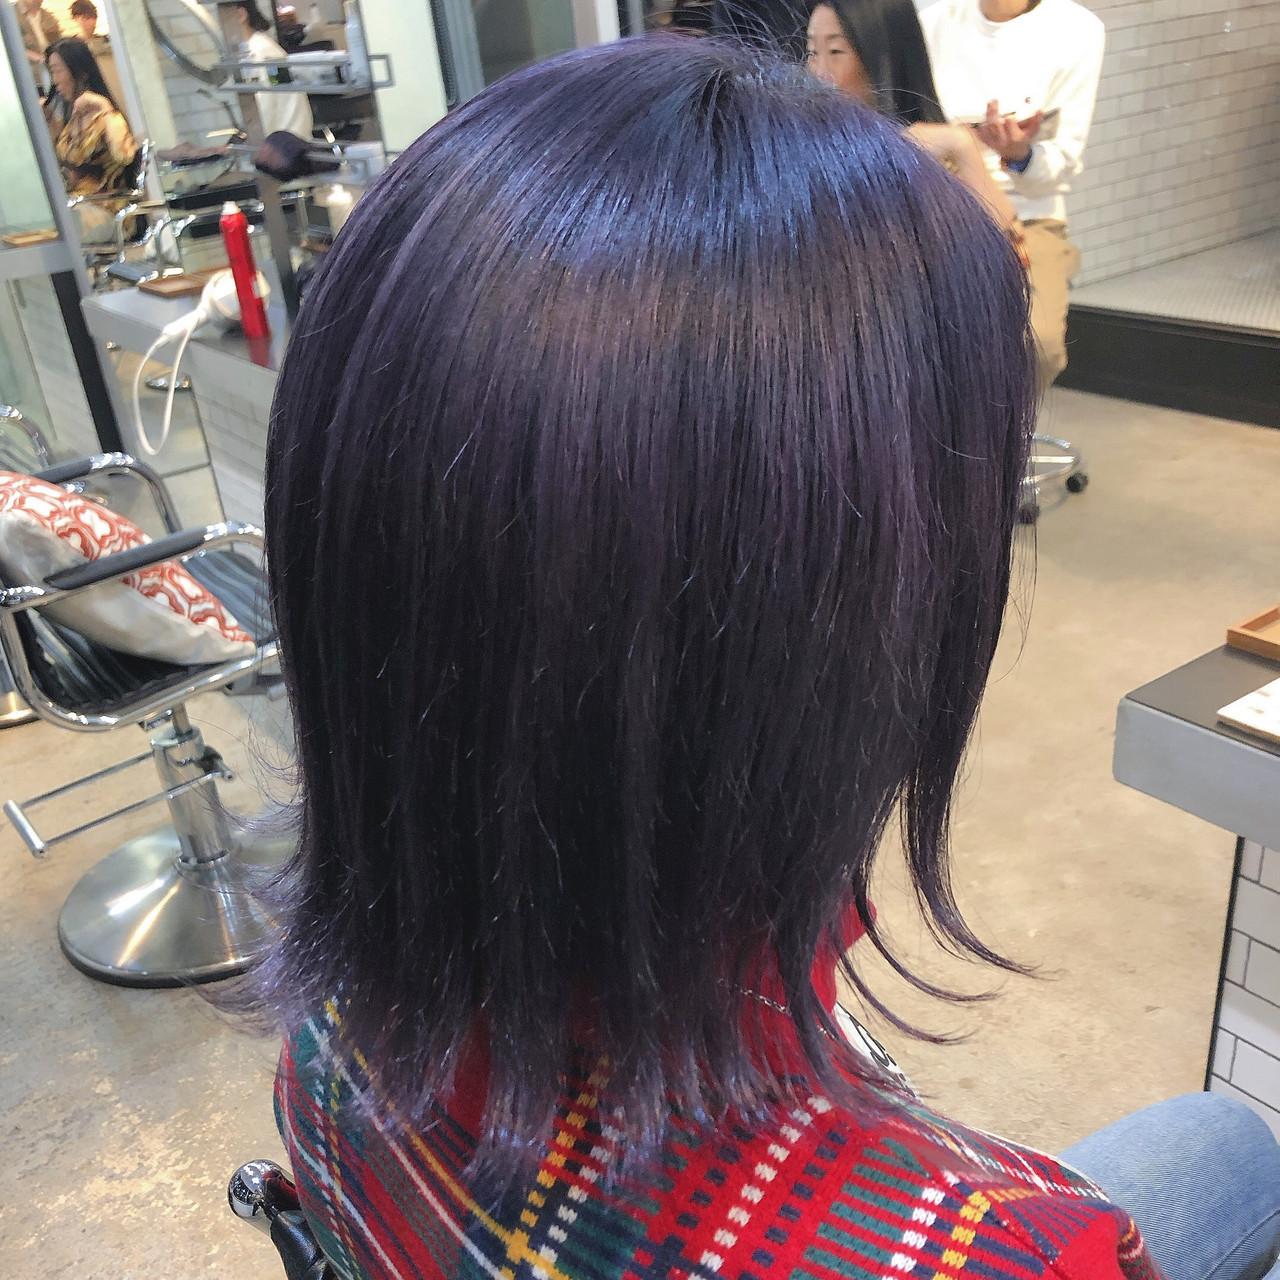 染めたてと色落ち後の二度楽しめるヘアカラー♡それぞれの良さを味わえる!